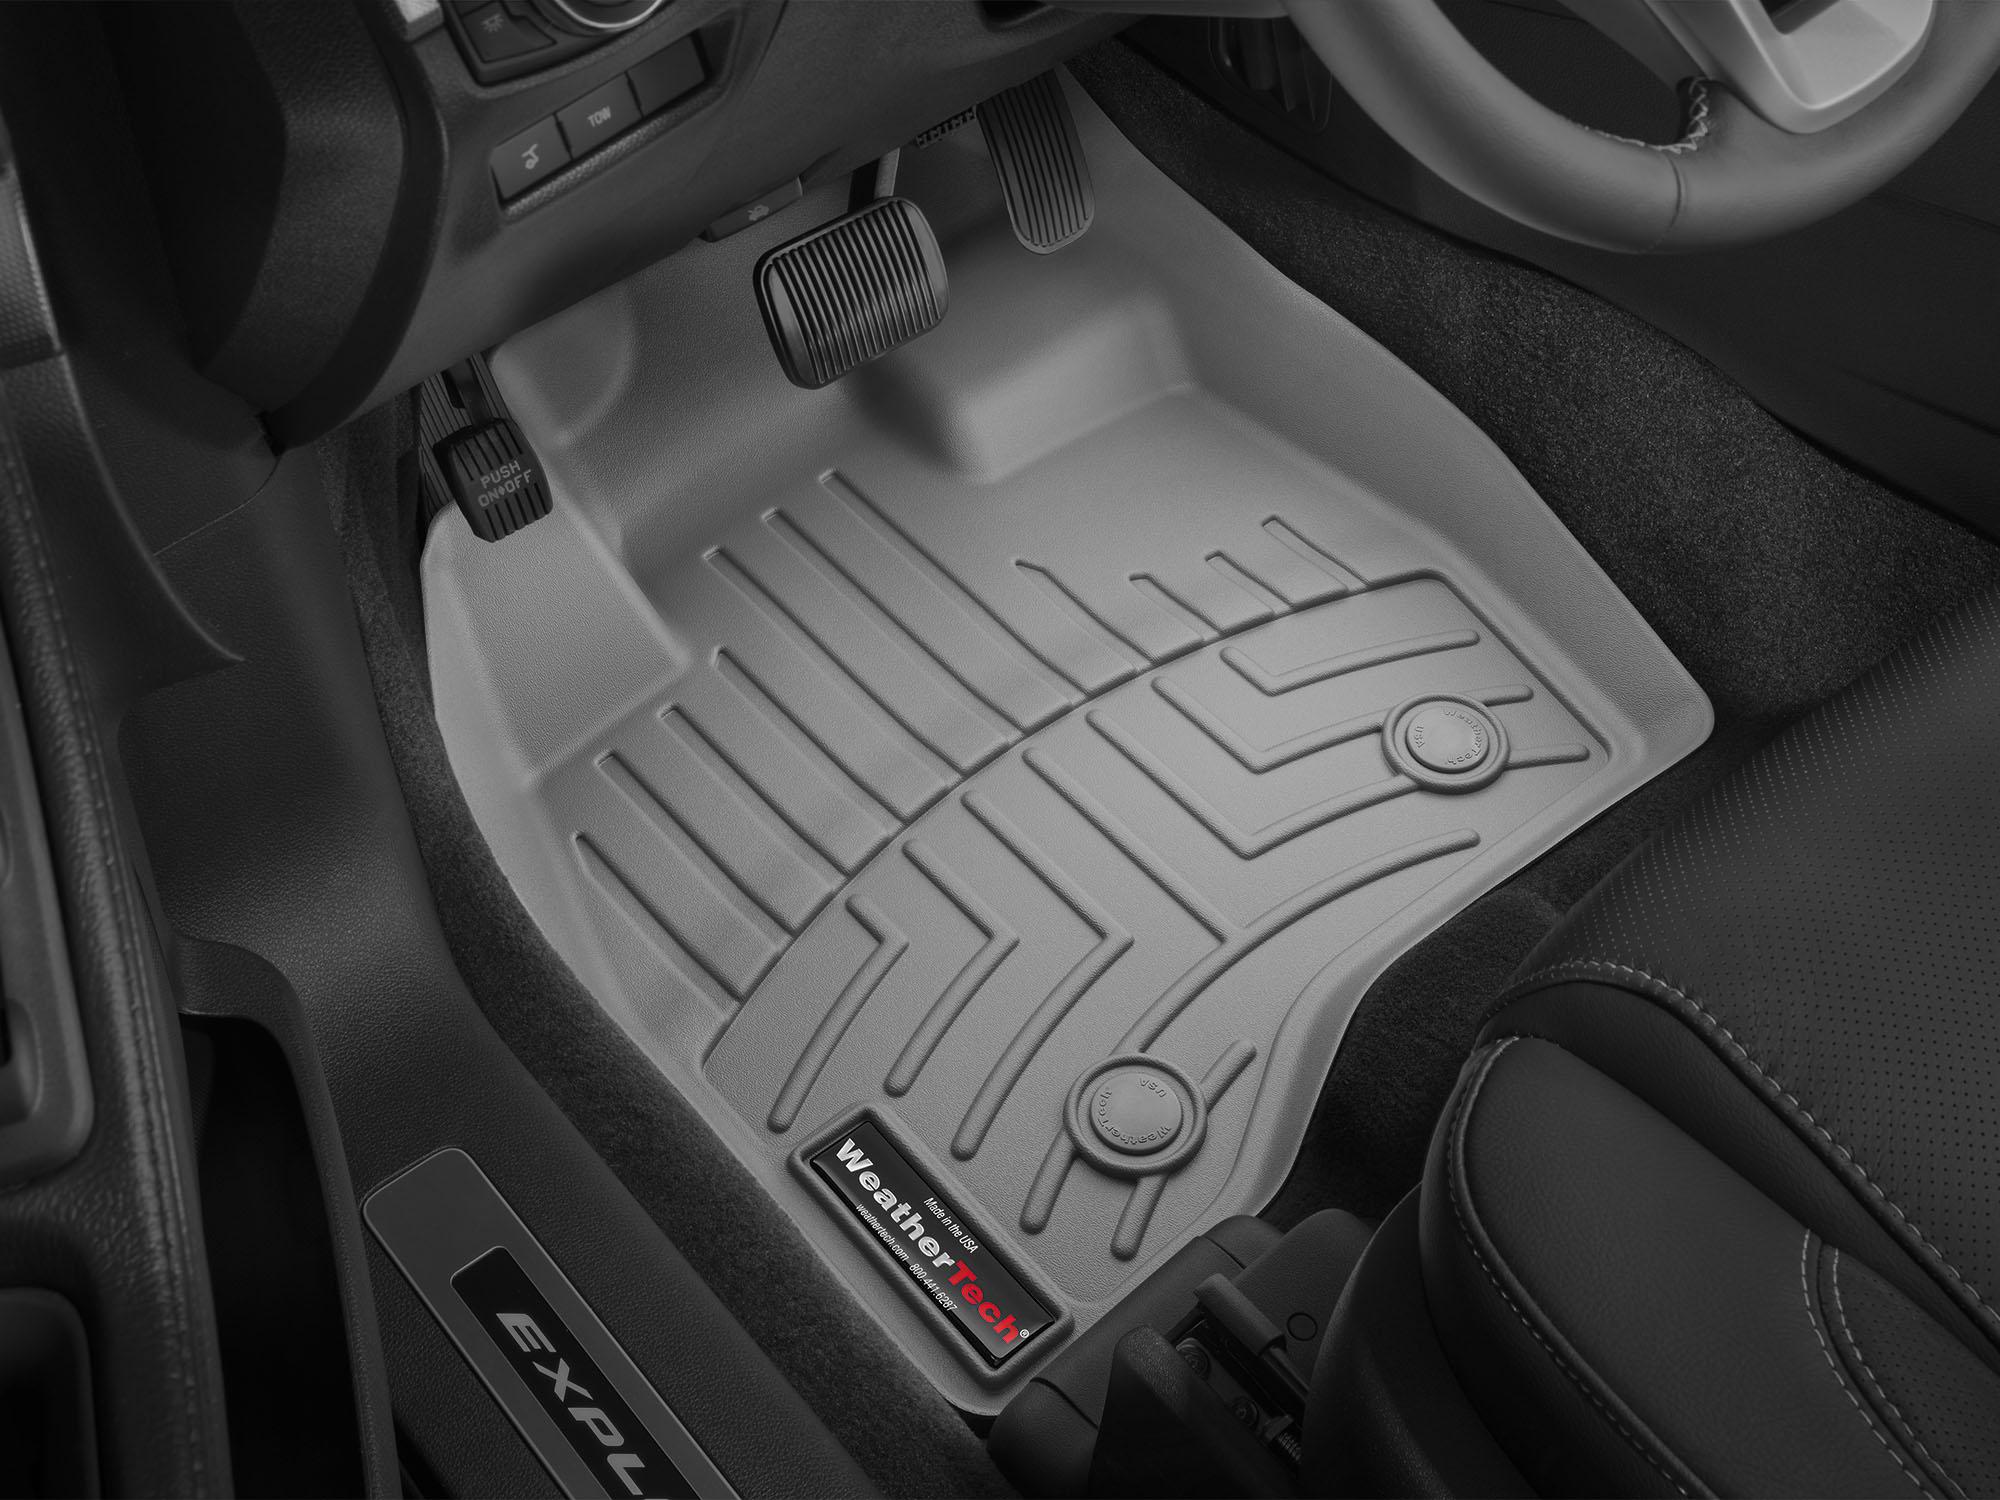 Tappeti gomma su misura bordo alto Ford Explorer 15>16 Grigio A879*